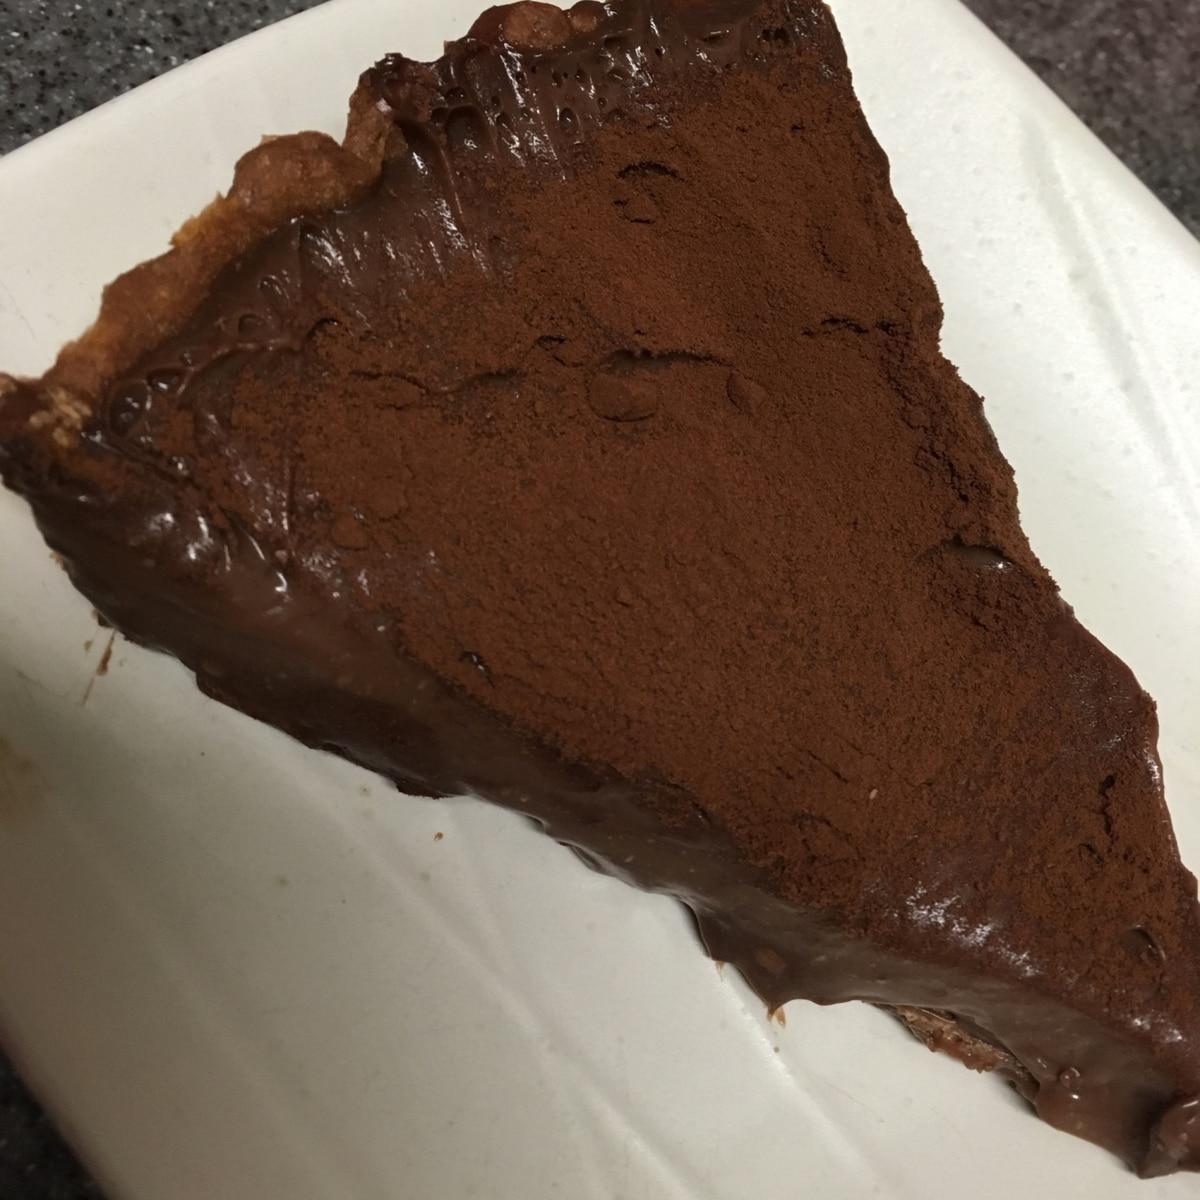 かない チョコ タルト 焼